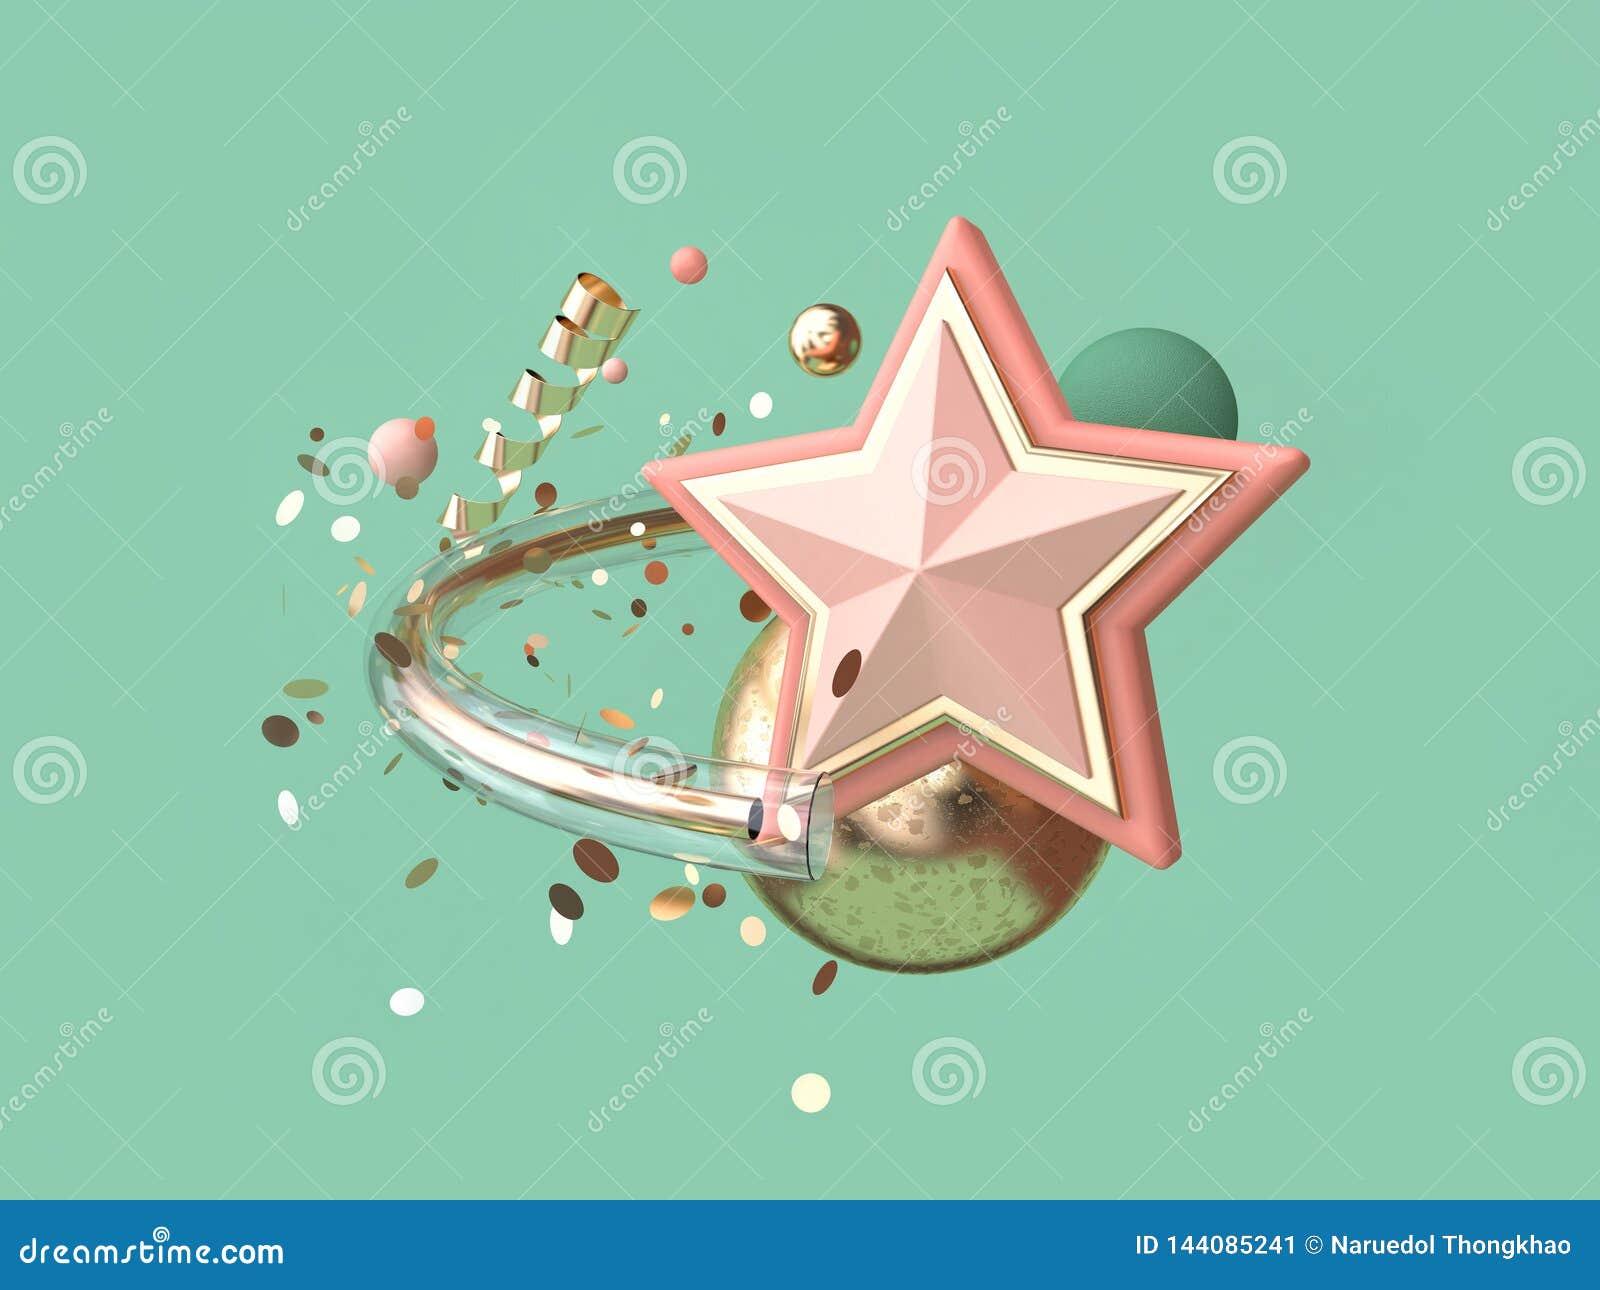 Estrela cor-de-rosa abstrata do fundo do verde da rendição 3d muita conceito de flutuação do Natal da decoração do objeto